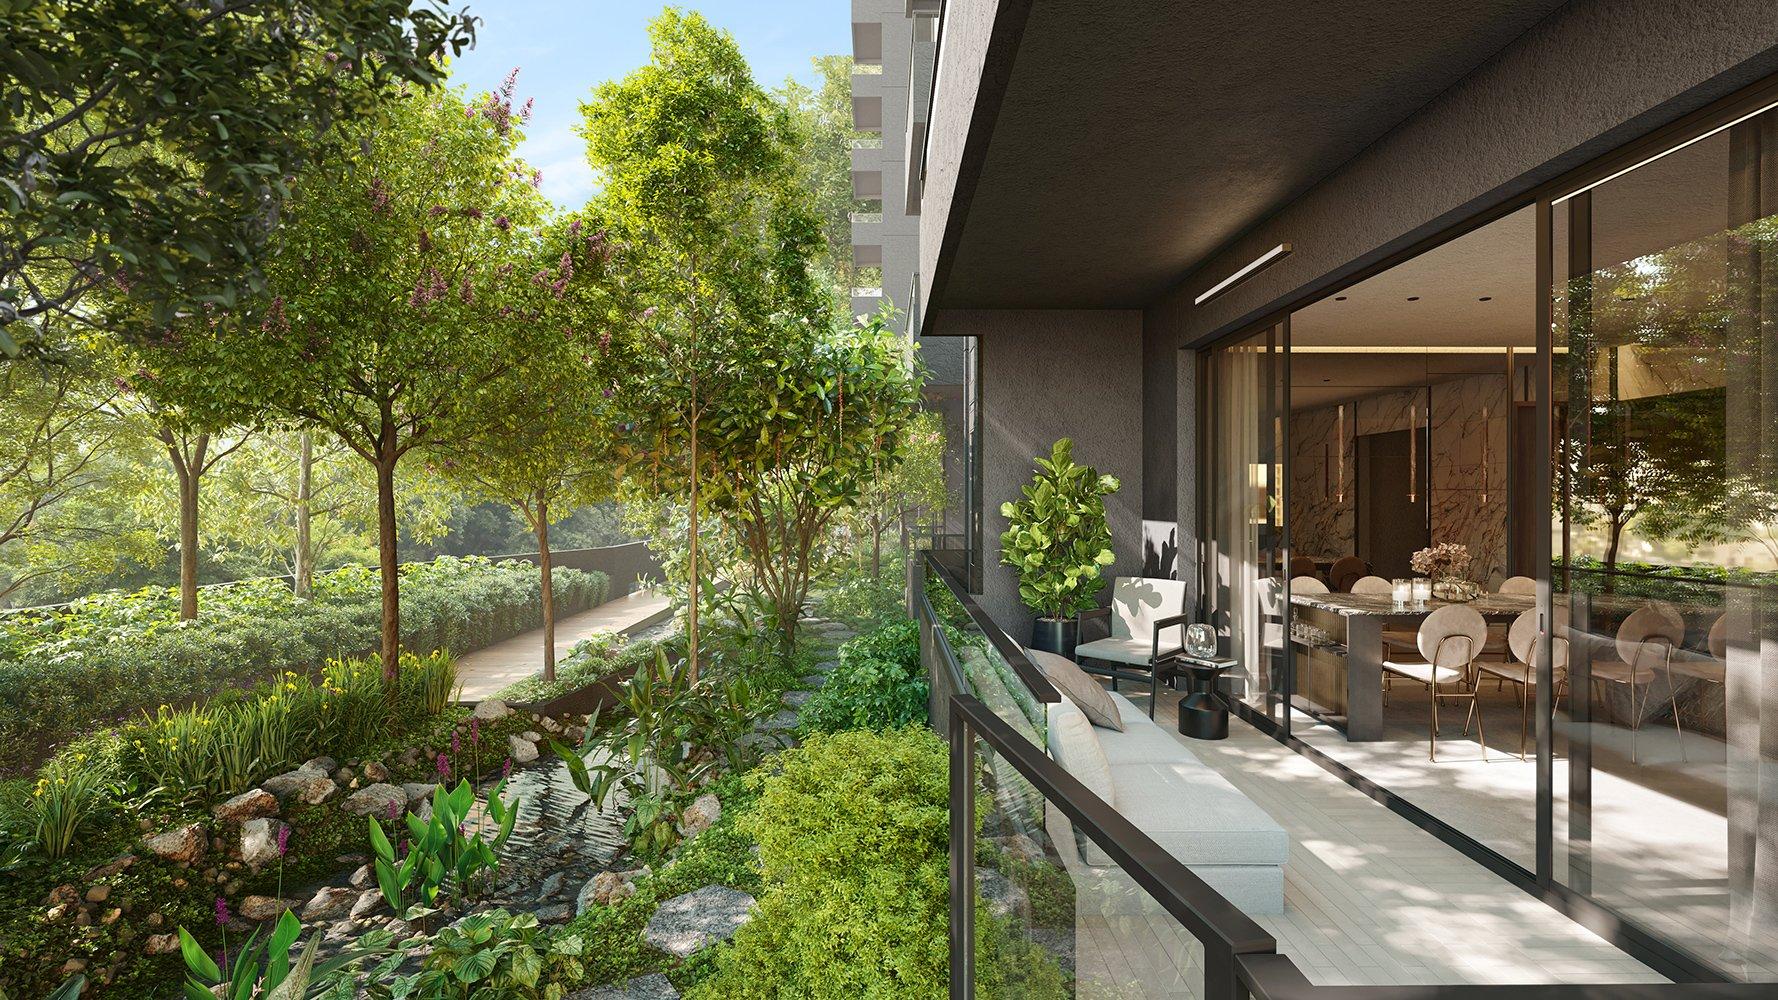 名汇庭苑: 让自然住进城市 12